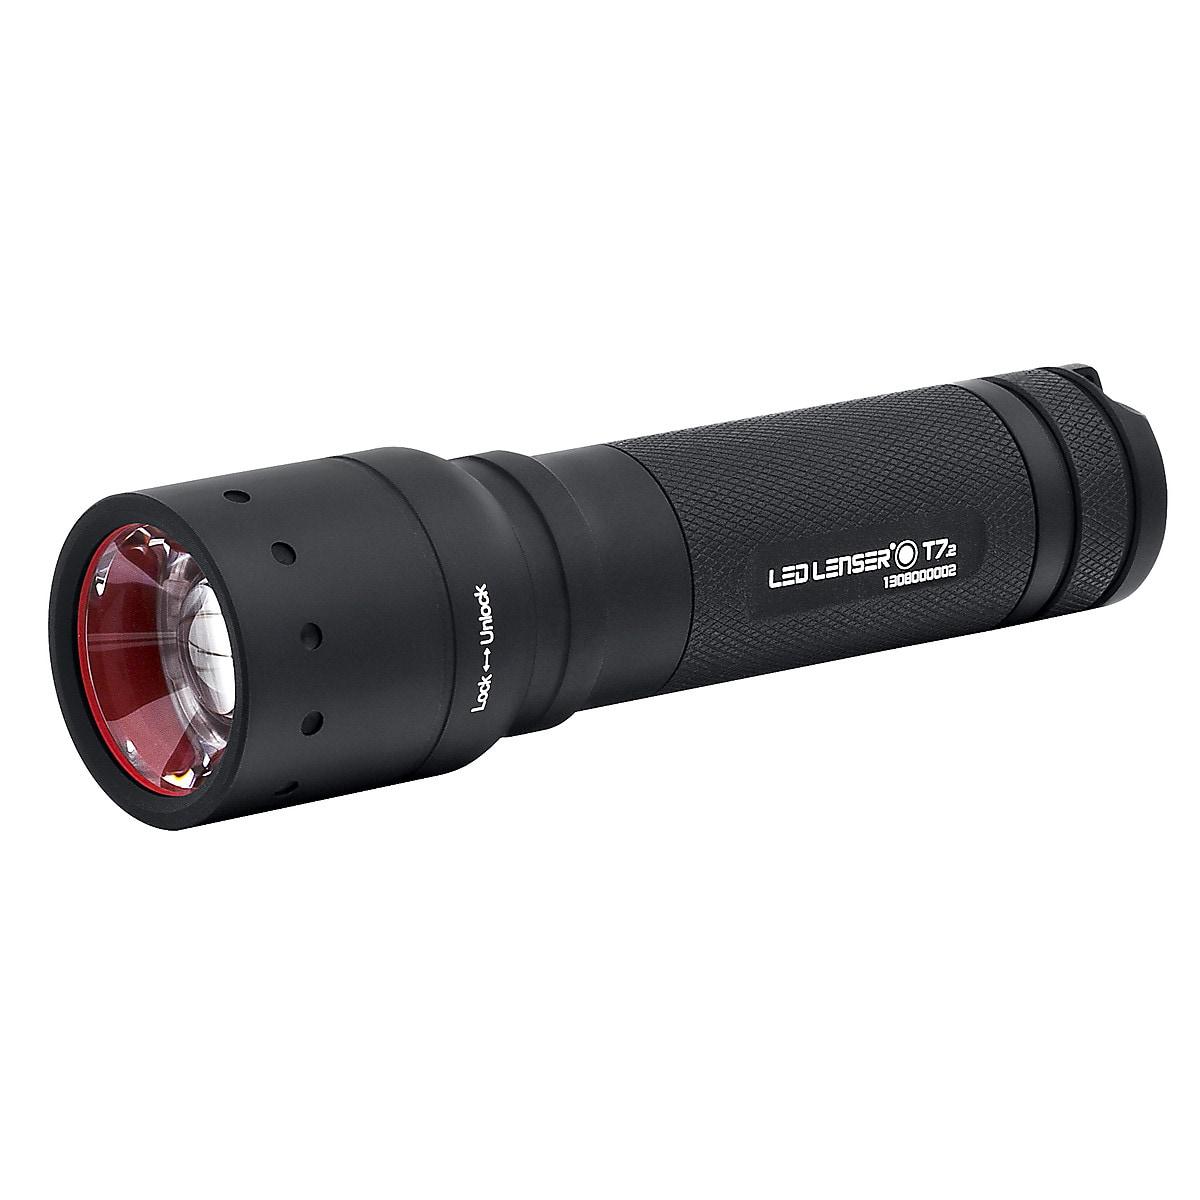 Taskulamppu LED Lenser T7.2